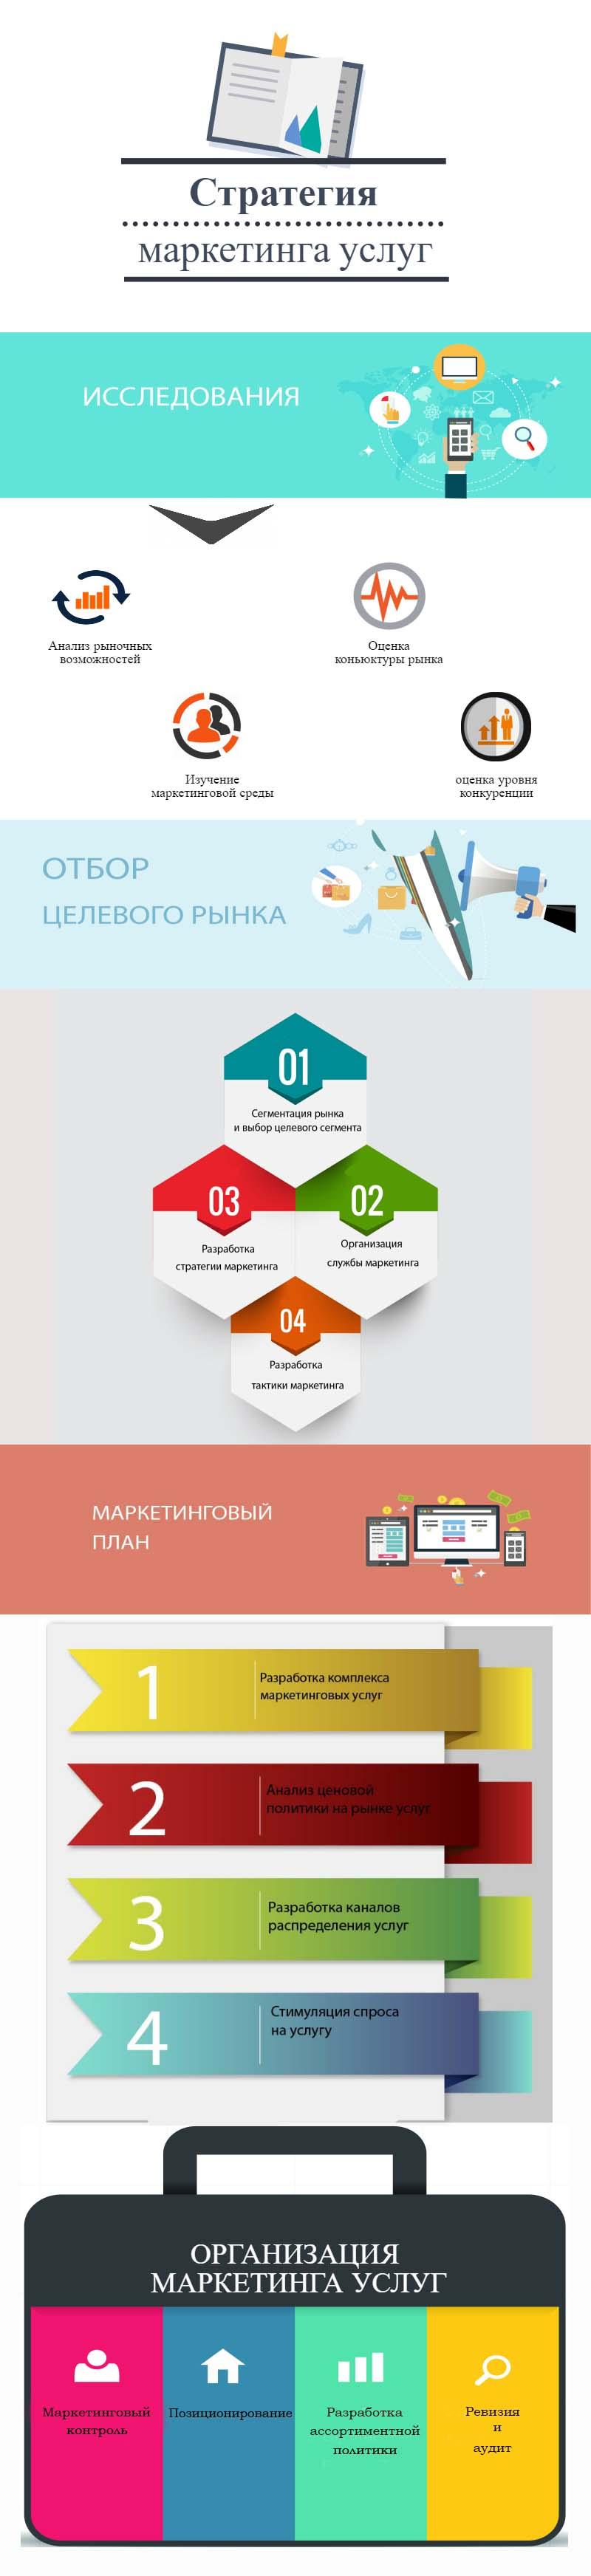 Помощью специализированного промышленного блога рекламировать услуги водопроводчика flash ролики, яндекс реклама, интернет продвижение, оптимизация p=42